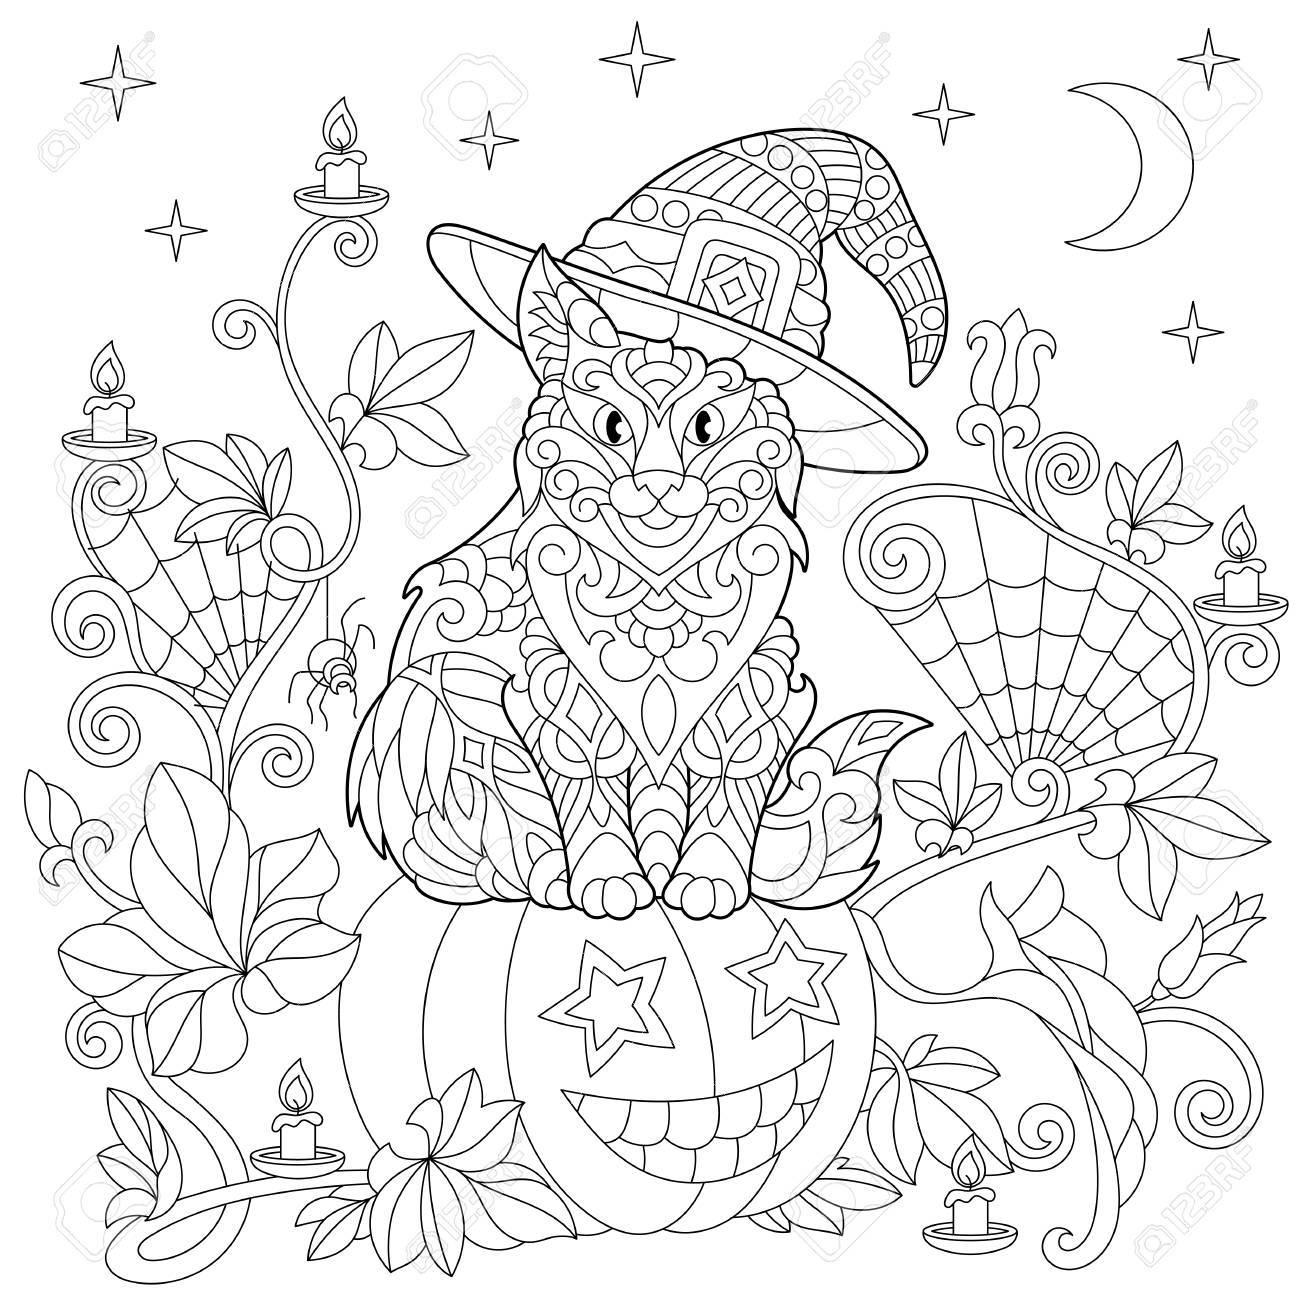 Halloween Malvorlagen. Katze In Einem Hut, Halloween-Kürbis